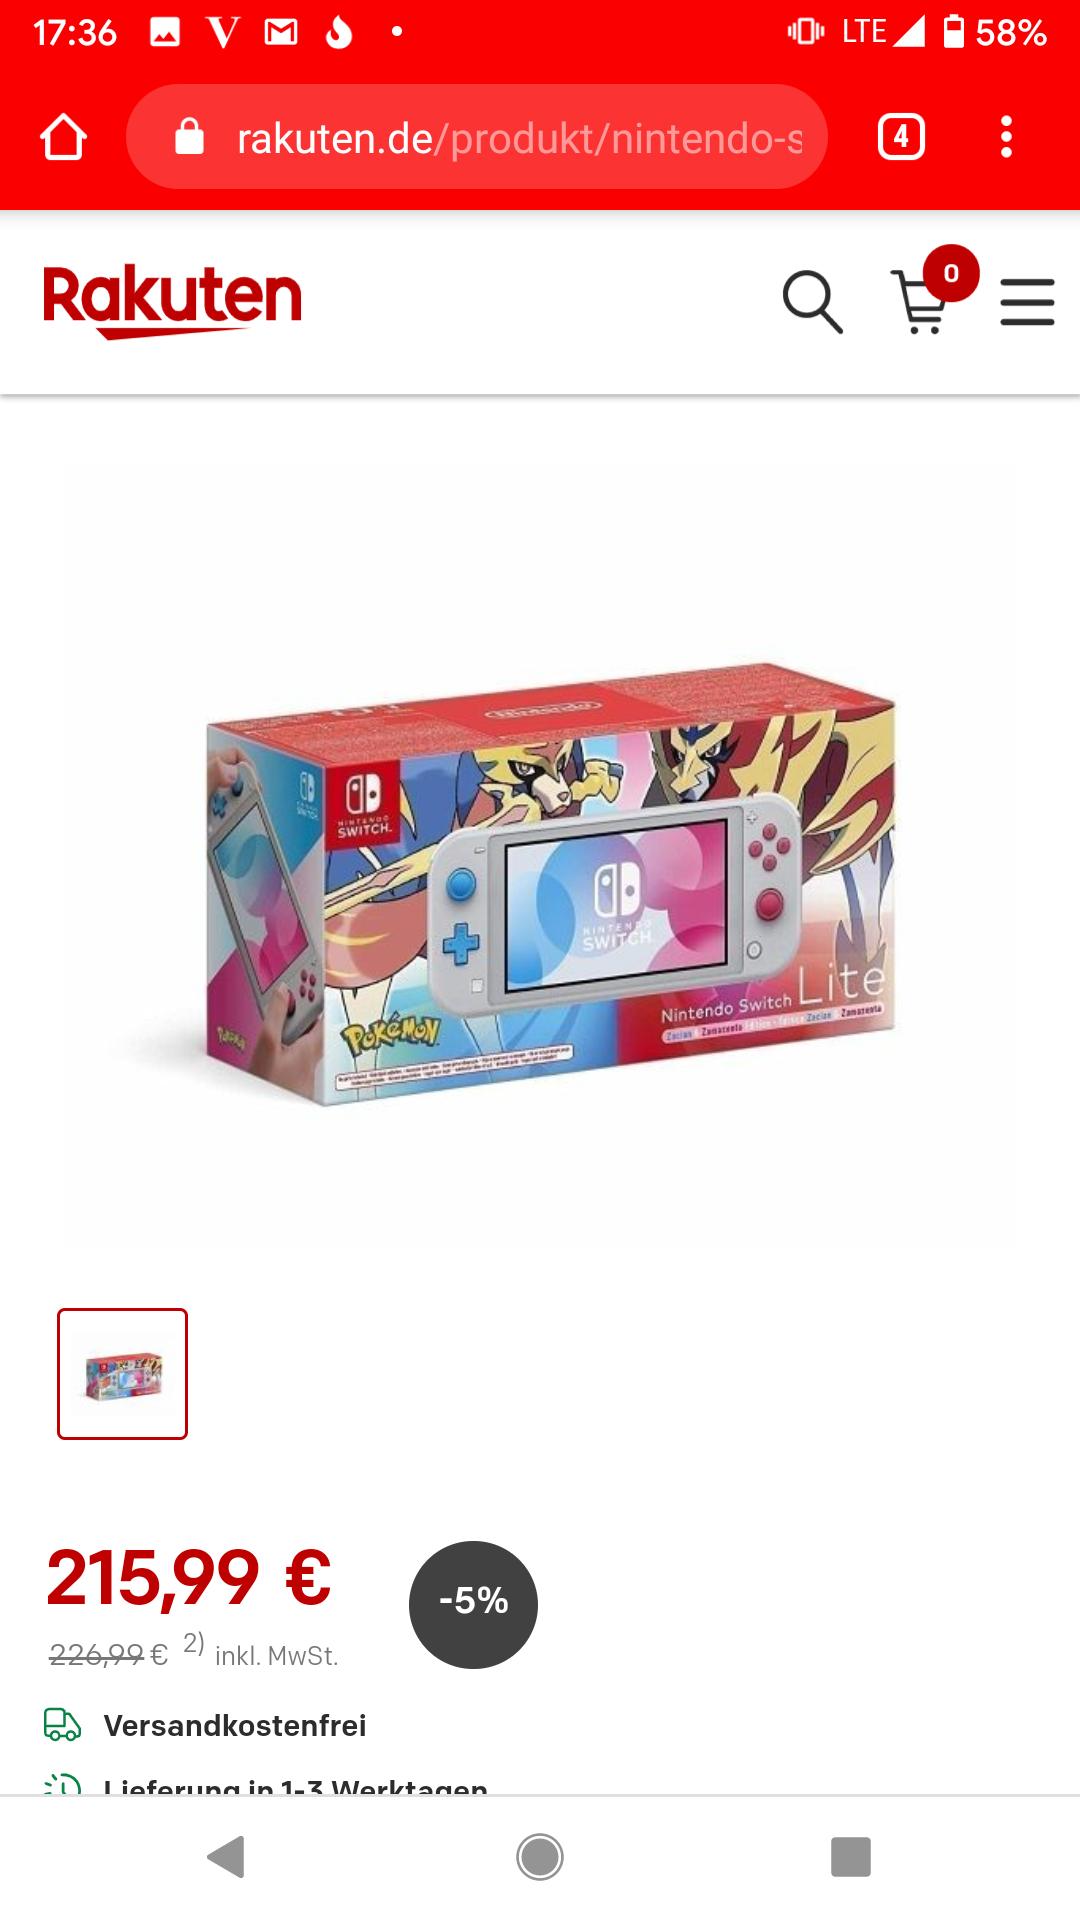 [Black Friday] Nintendo Switch Lite voor €186,15 excl. Verzending (alle uitvoeringen)